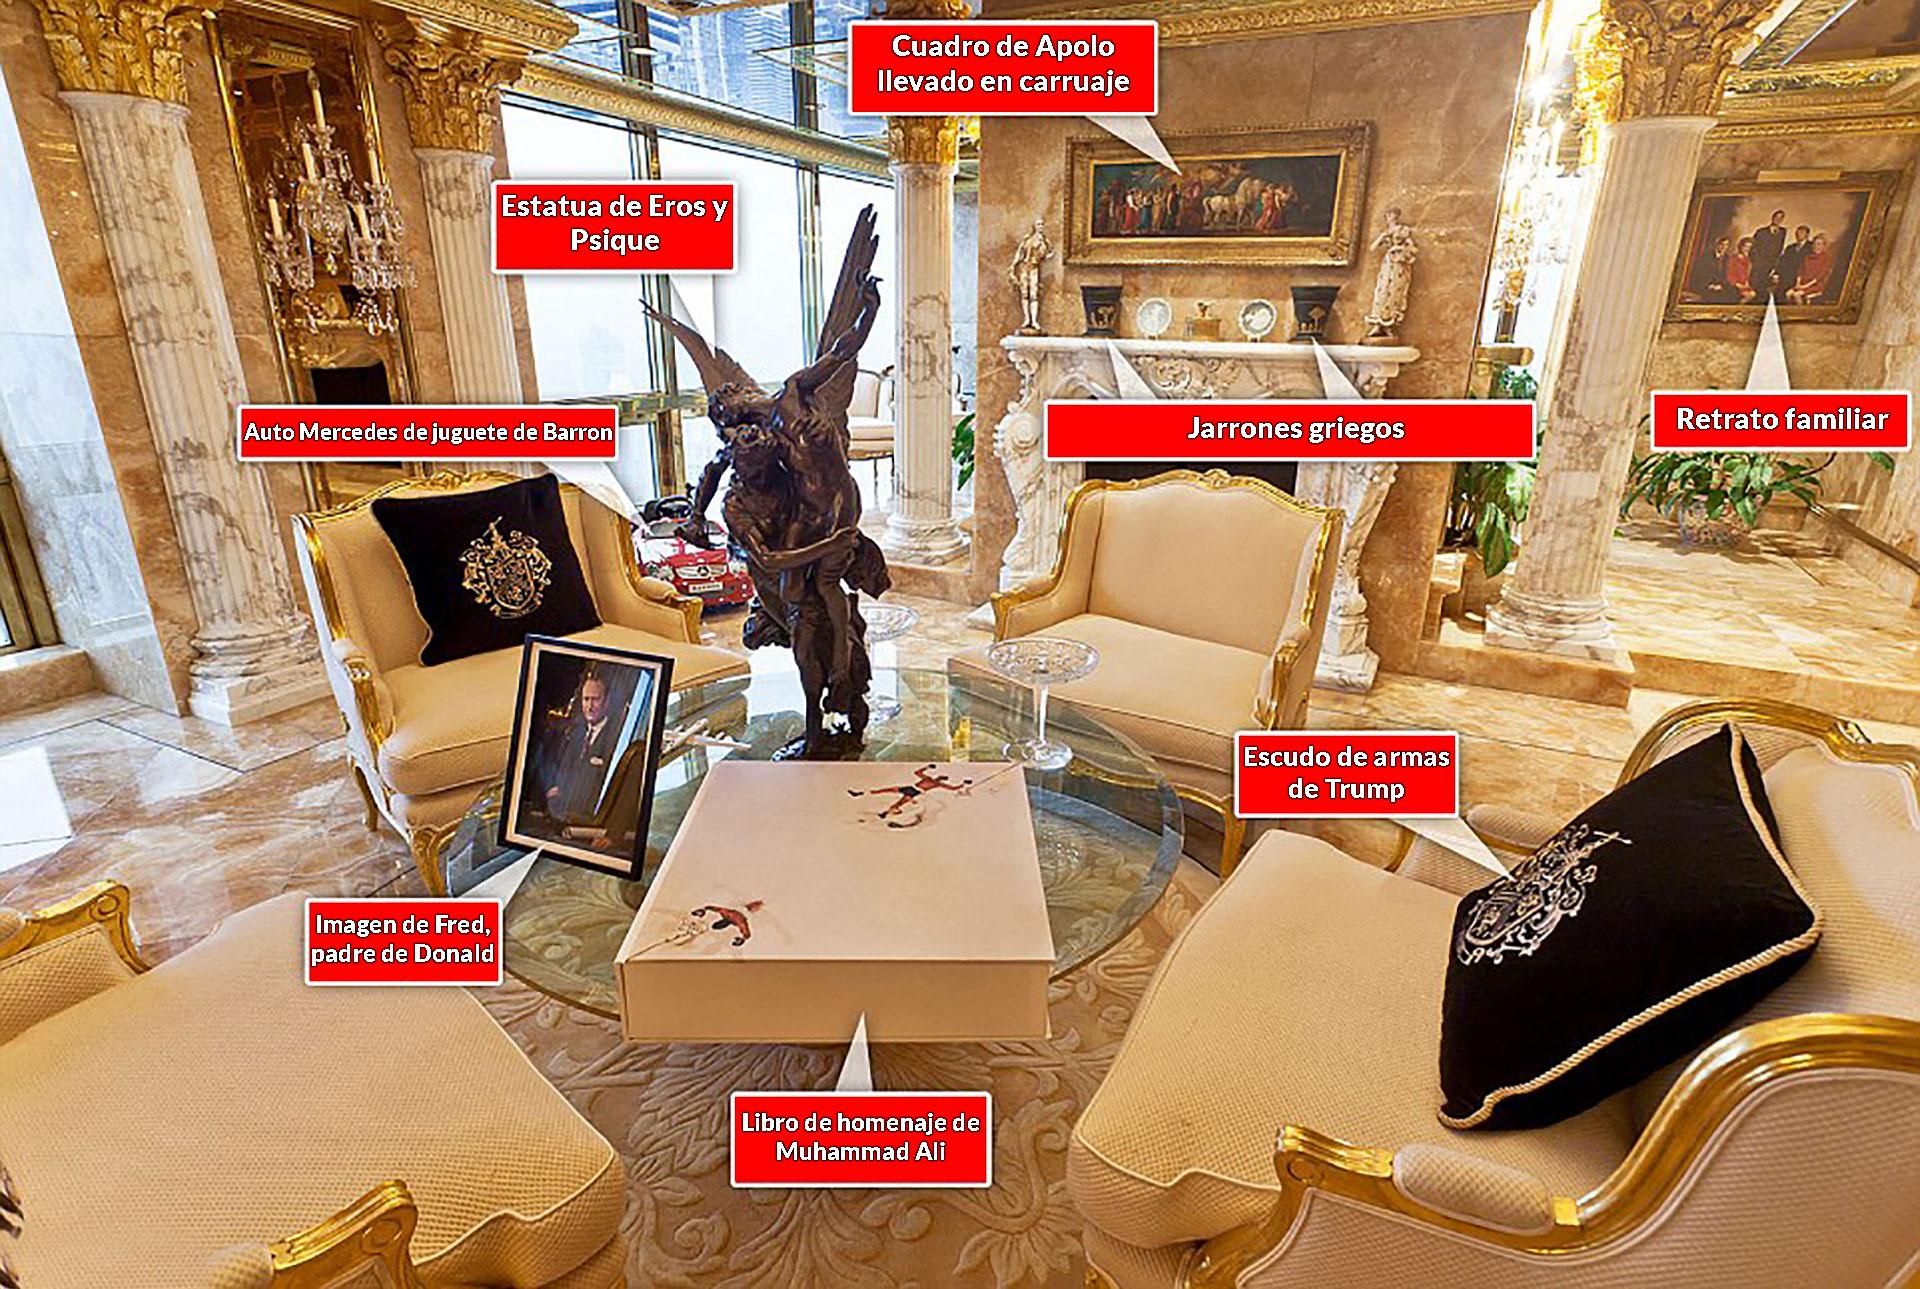 La sala de estar, entre esculturas, cuadros y retratos familiares